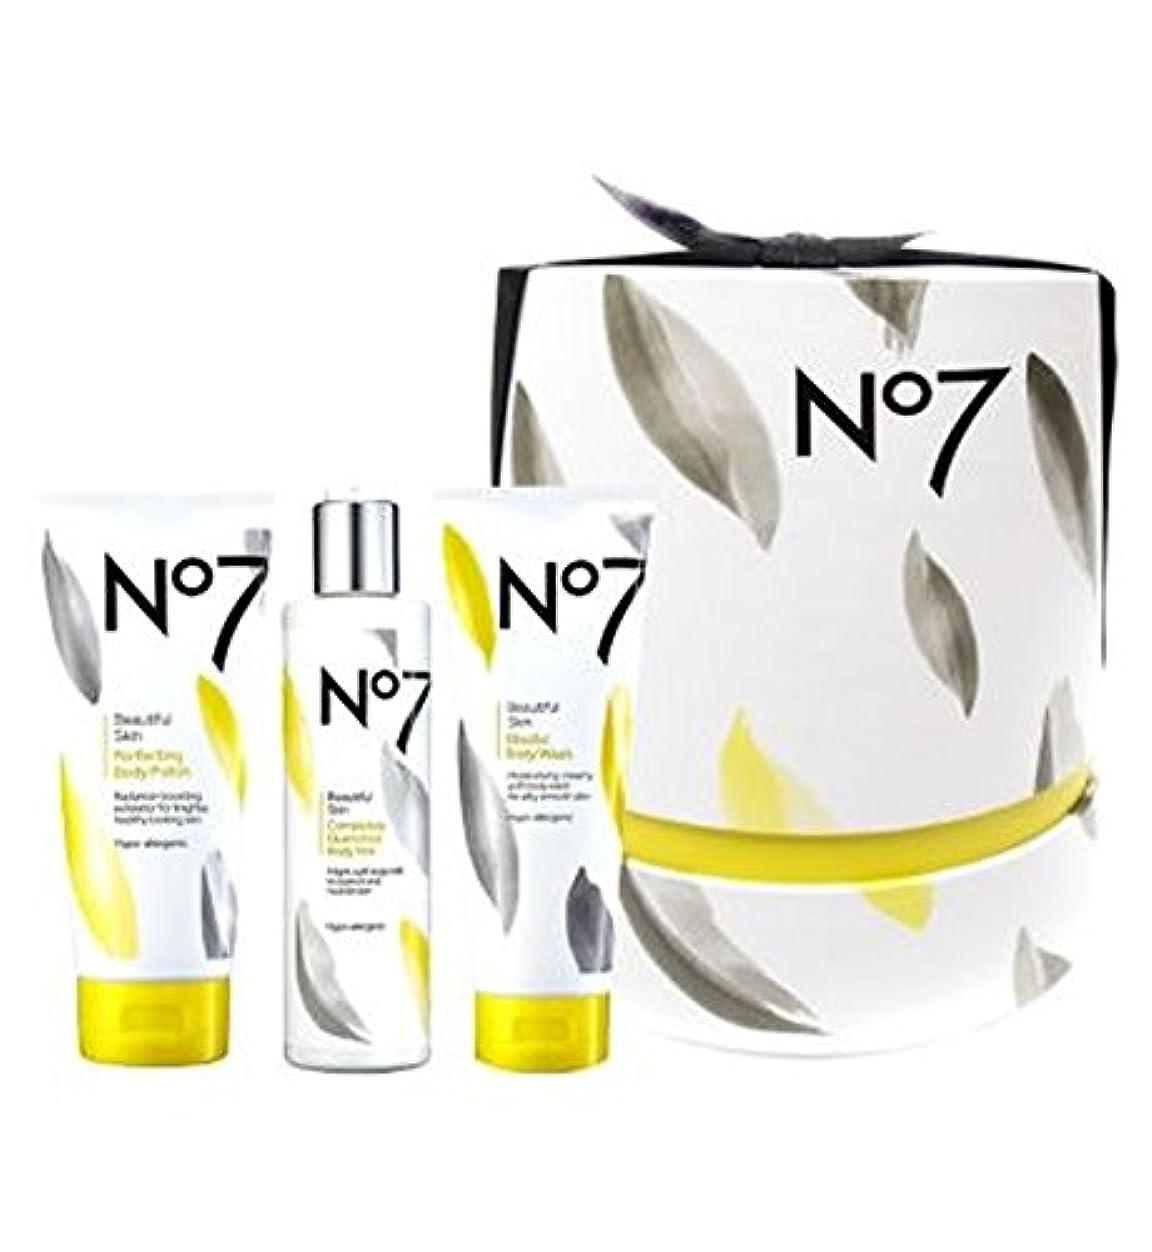 業界解く考え[No7] No7美しい肌至福のコアコレクションの贈り物 - No7 Beautiful Skin Pampering Core Collection Gift [並行輸入品]